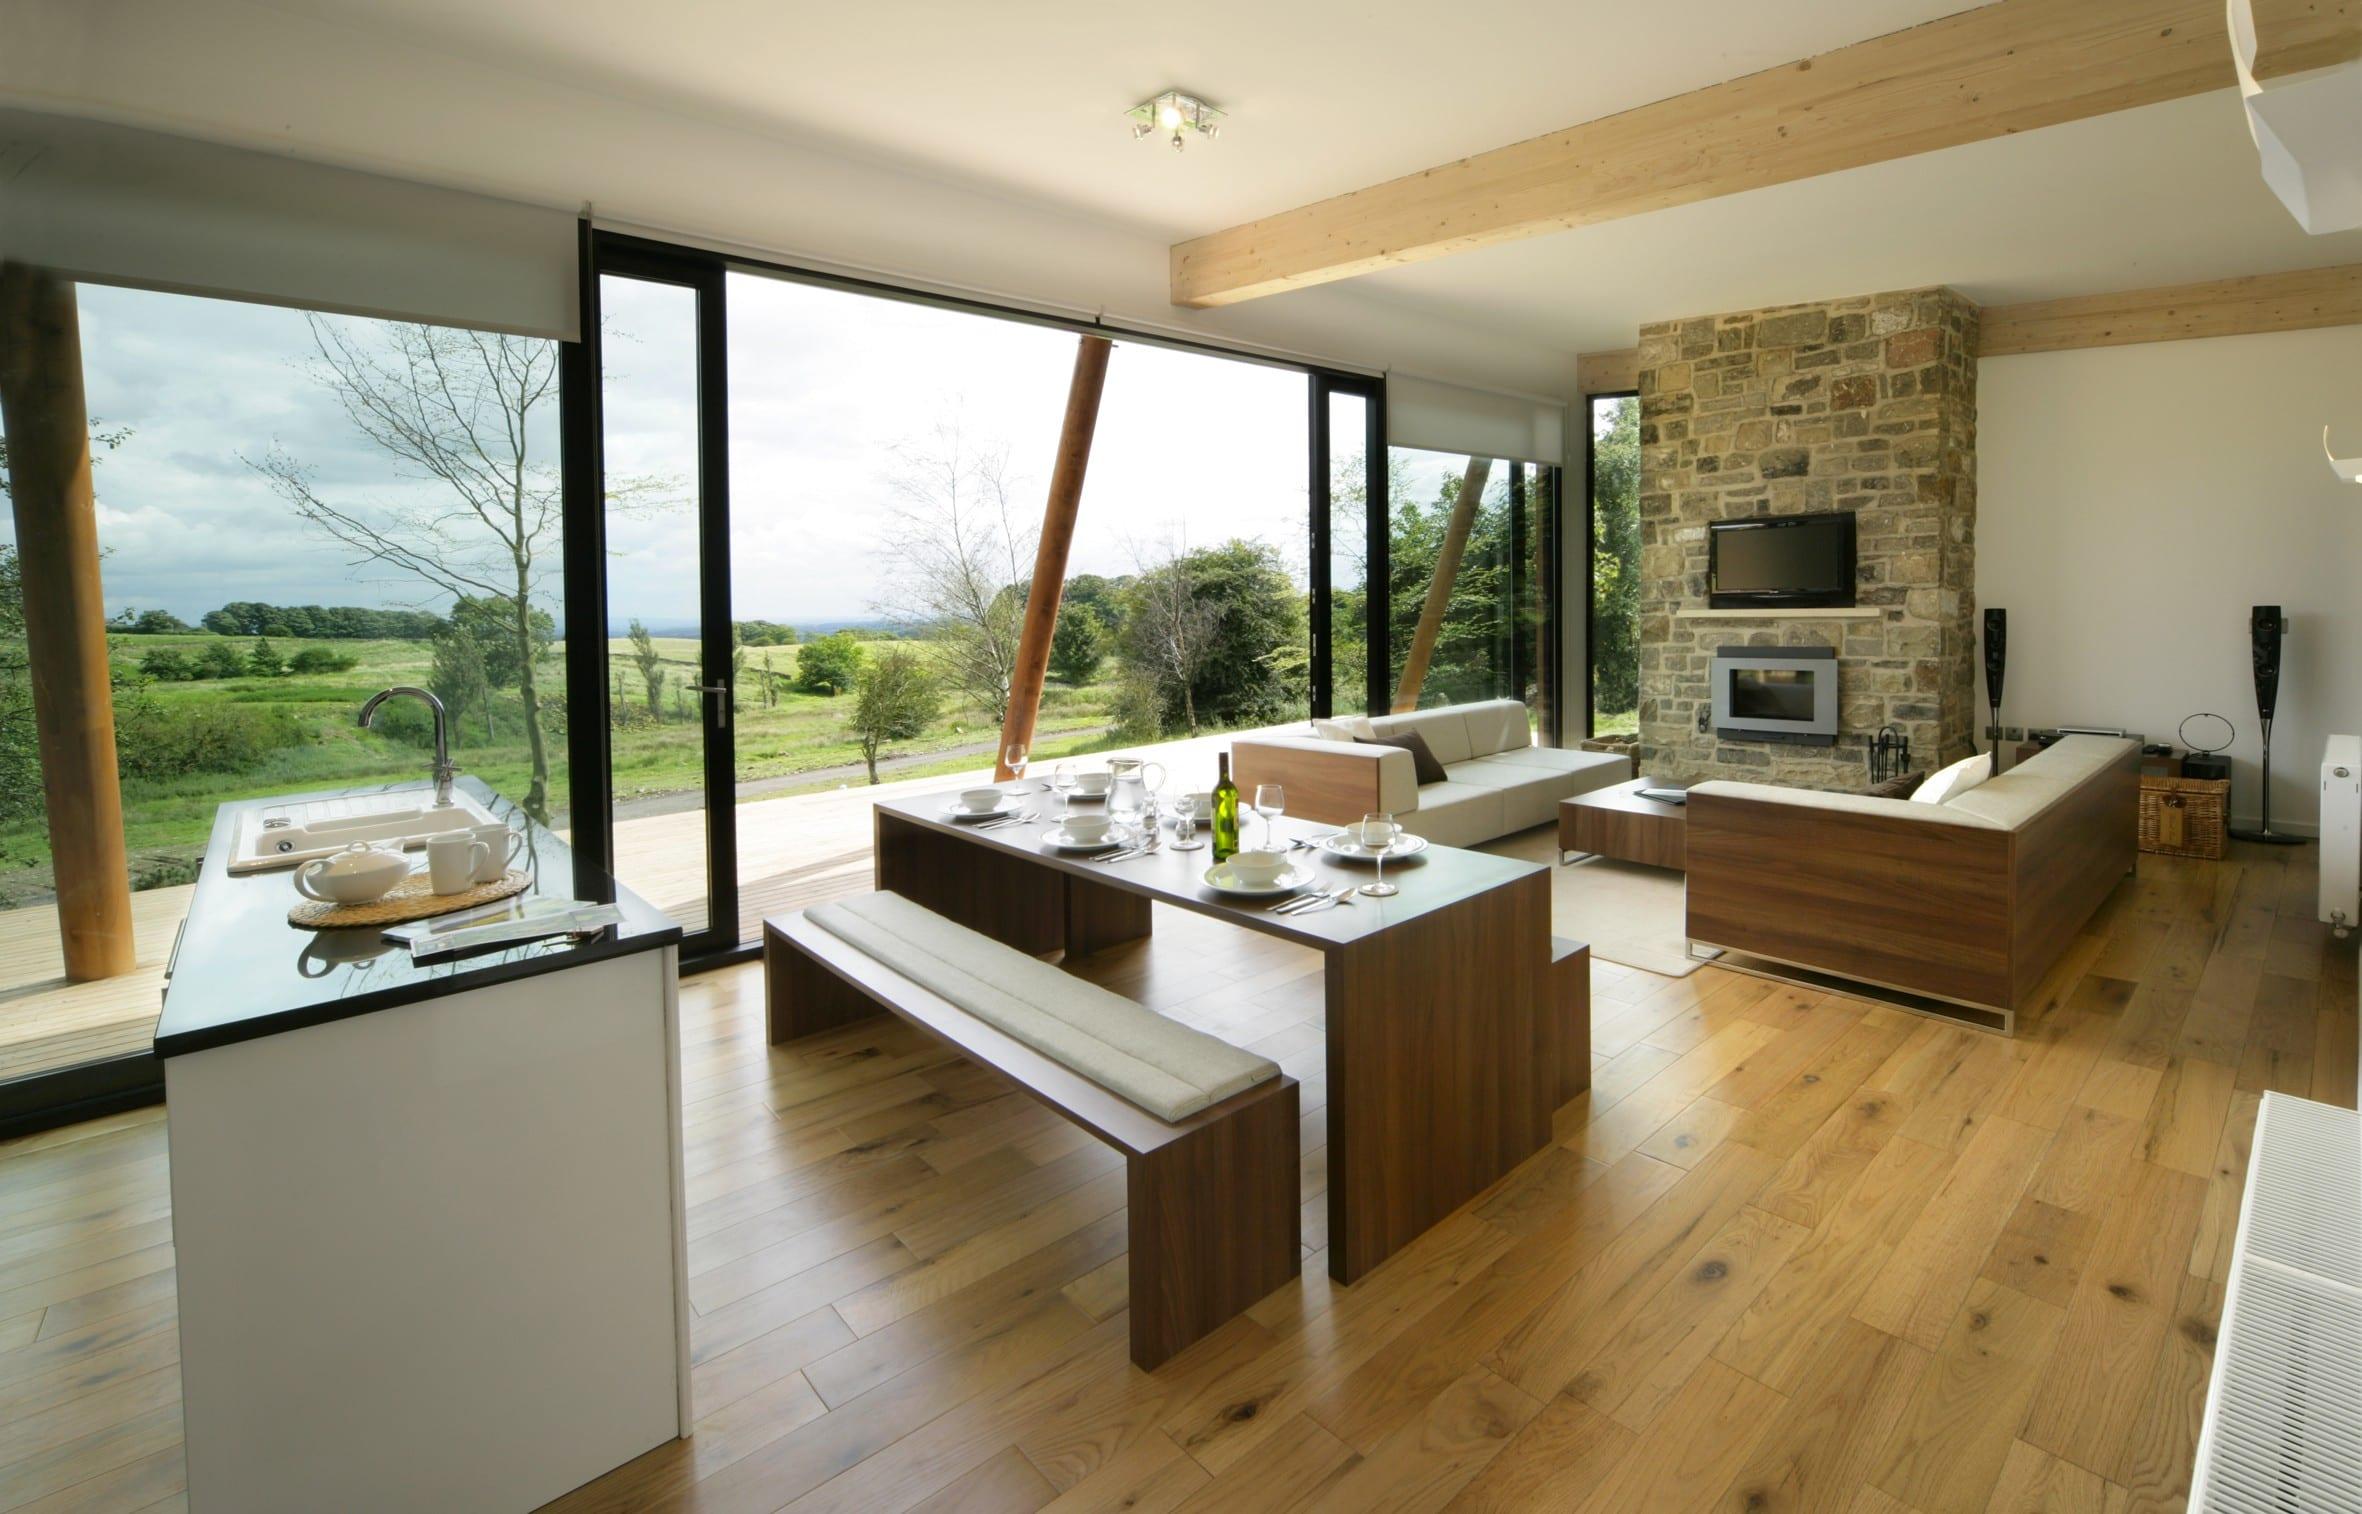 open space wohnzimmer inspirationen mit laminatboden und holzdeckenbalken-esstisch holz und esstischbänke aus holz-moderne ecksofas in weiß aus holz